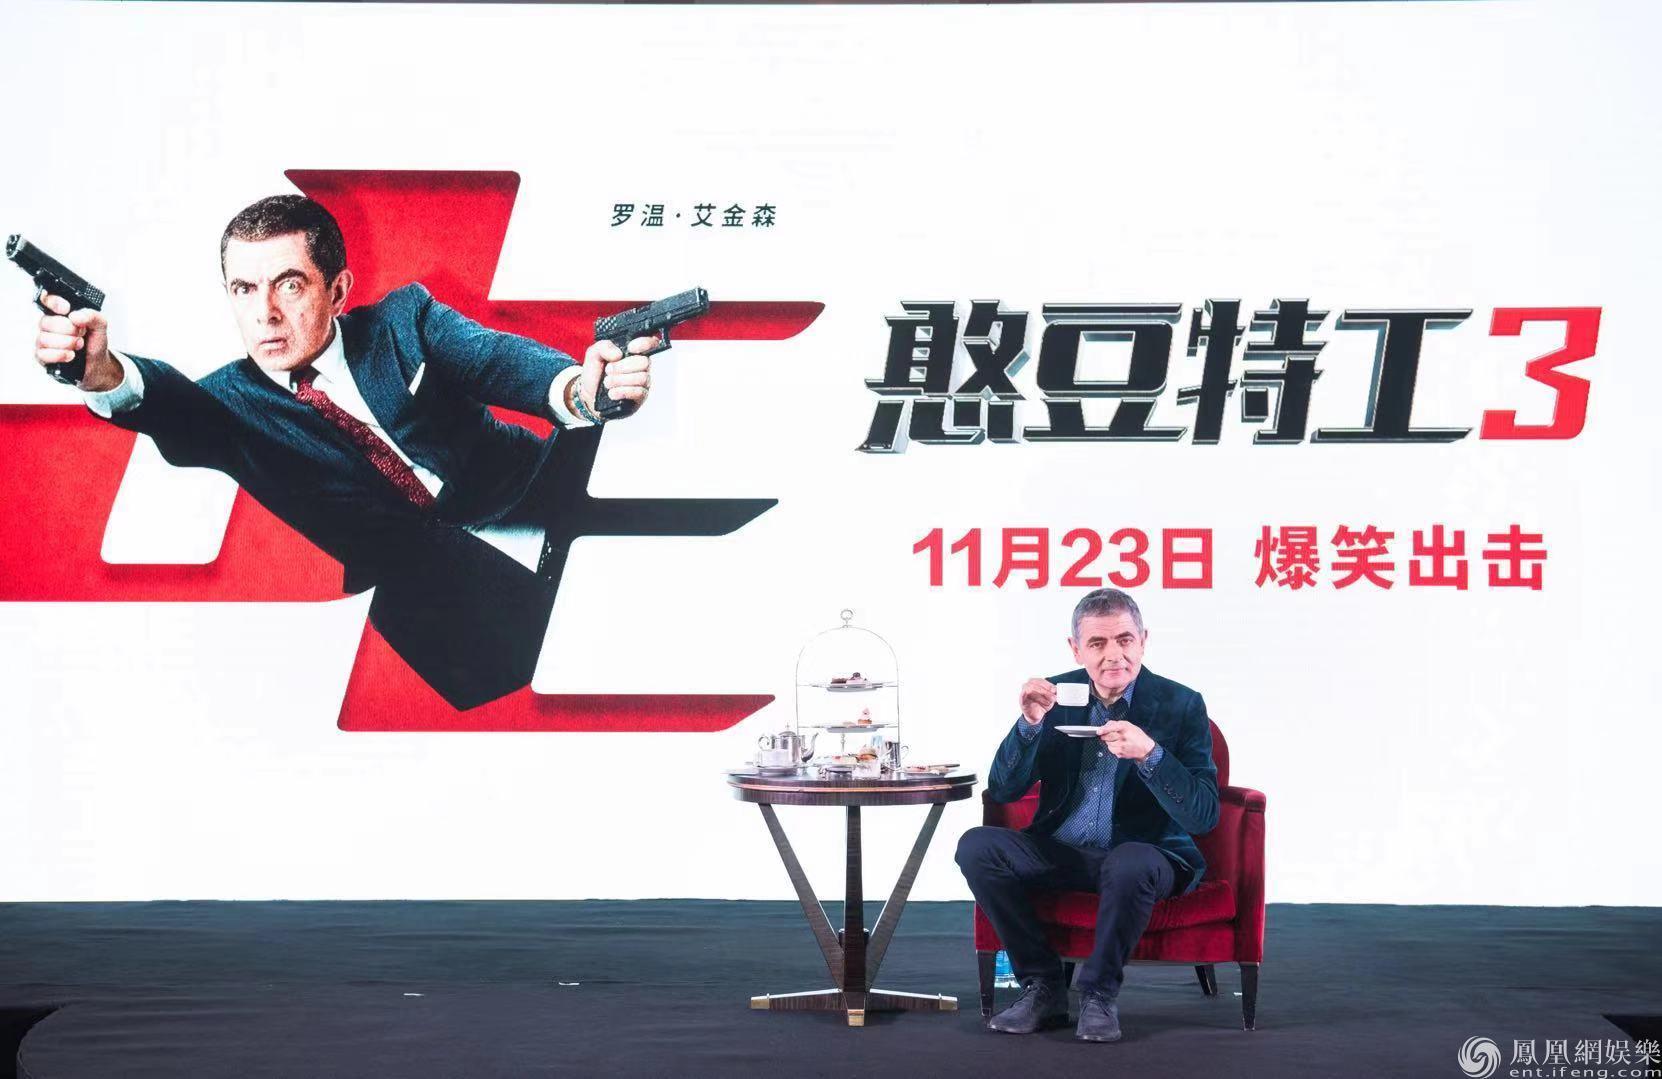 《憨豆特工3》上海举办发布会 罗温·艾金森携喜剧来